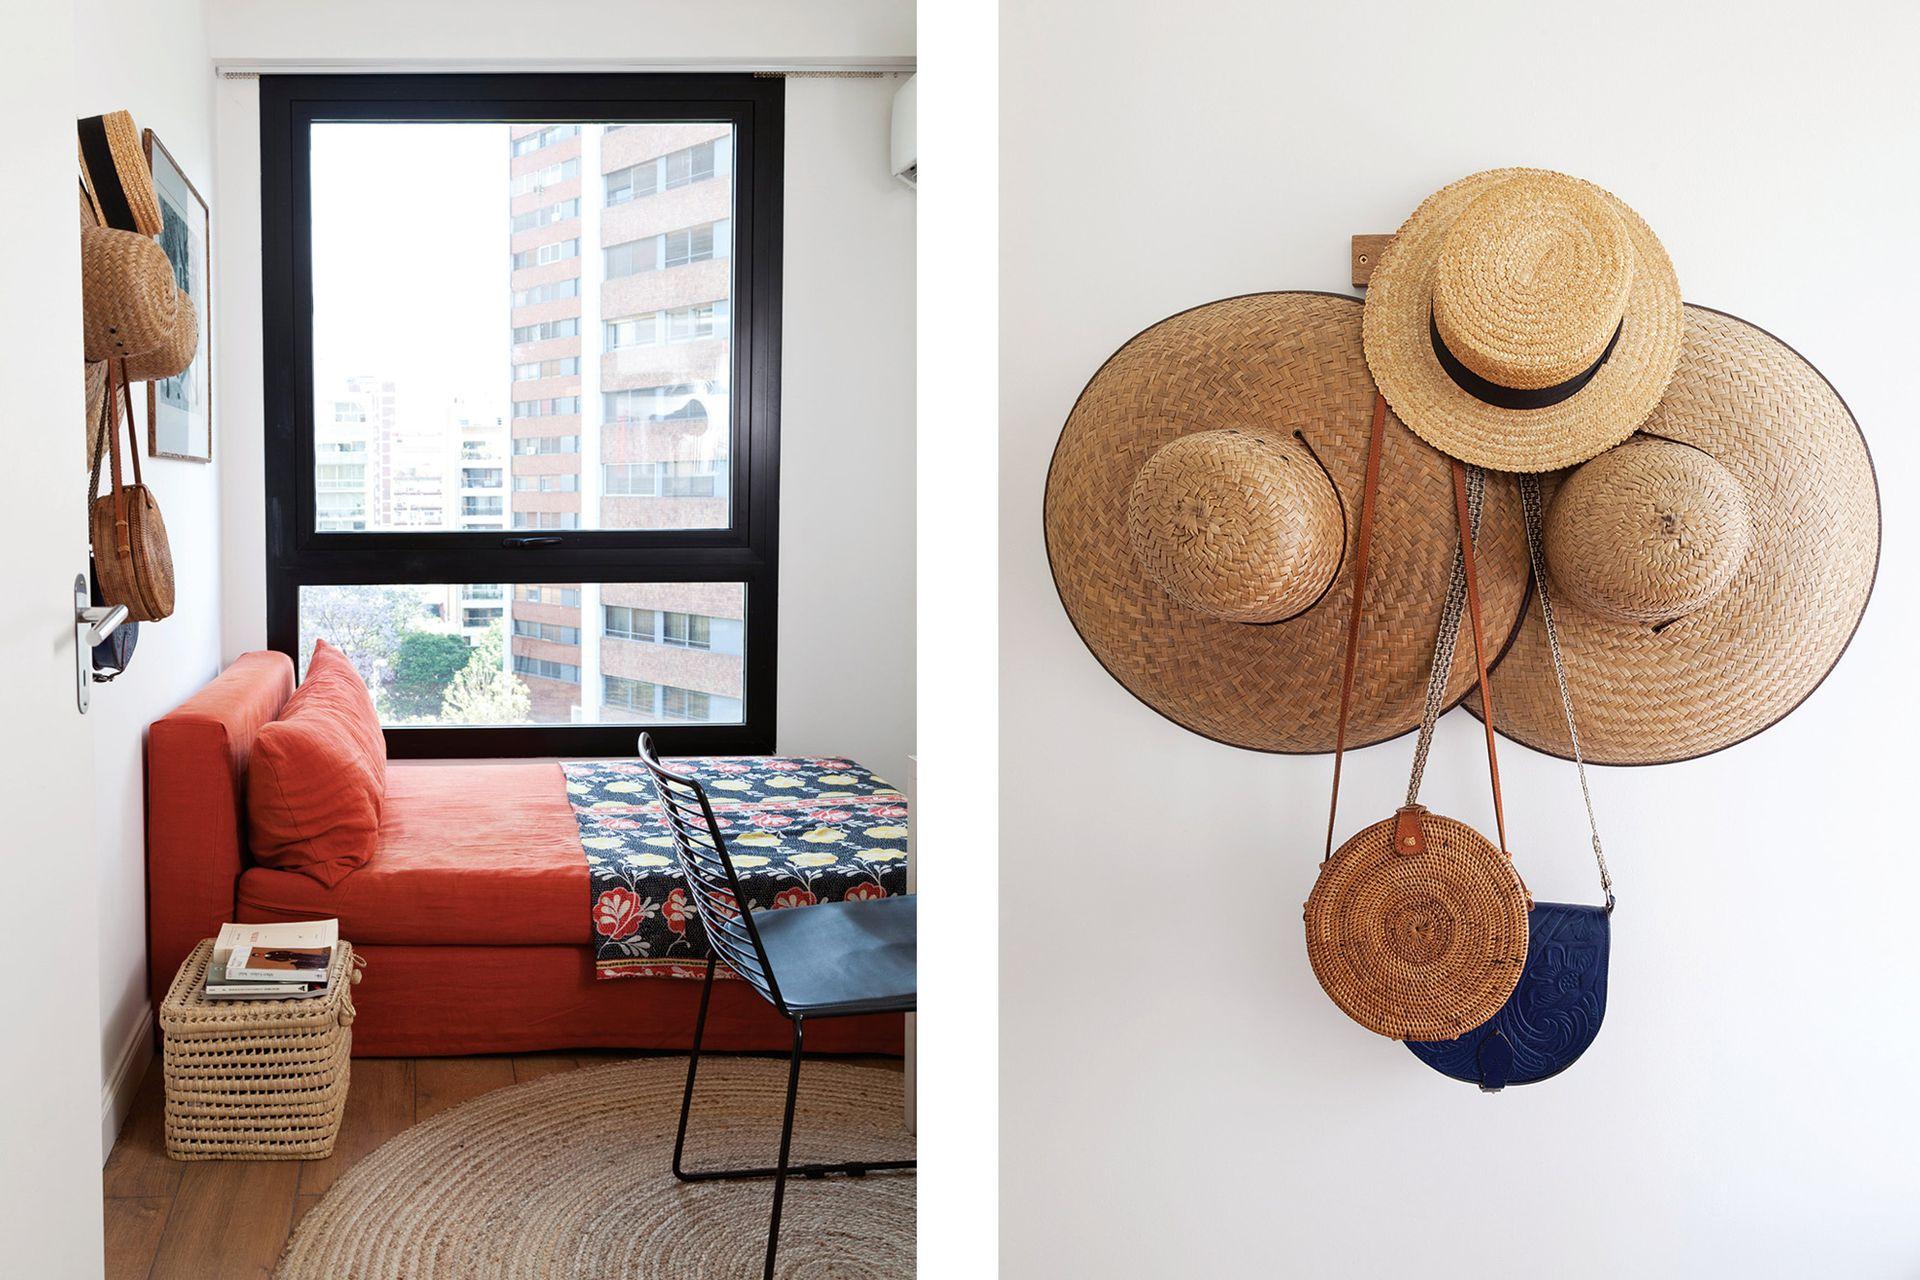 Sillón (Laura O) con funda de lino, alfombra redonda (La Redoute), silla 'Metal G ' (Quiu) y, sobre la mesa, lámpara 'Tertial' (Ikea).